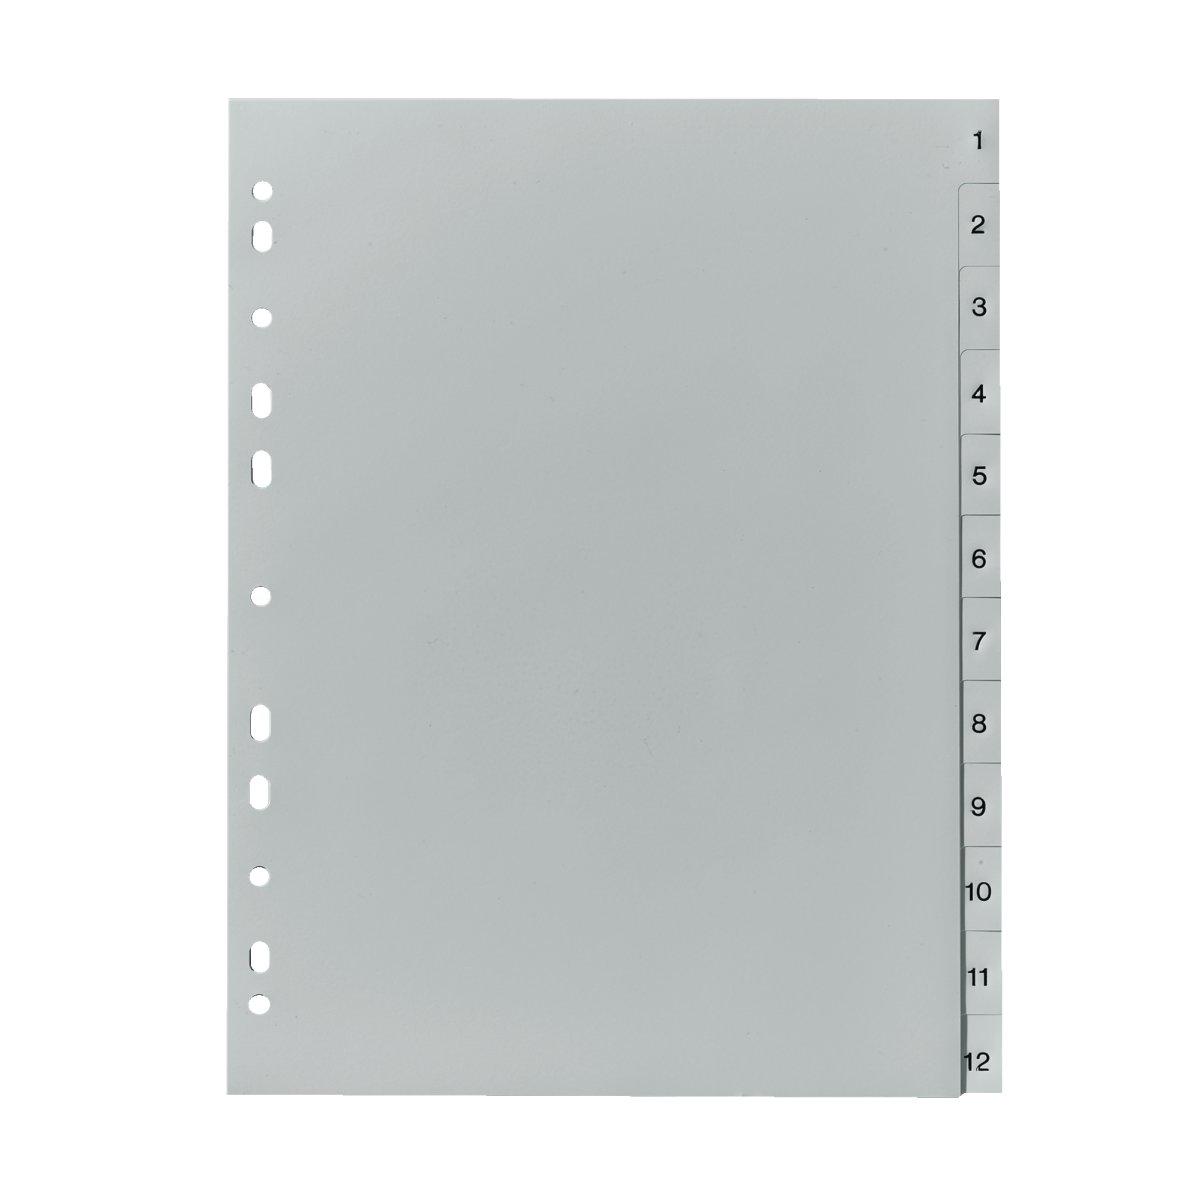 Herlitz 10843407 - Numerischer Registerindex - Polypropylen (PP) - Grau - A4